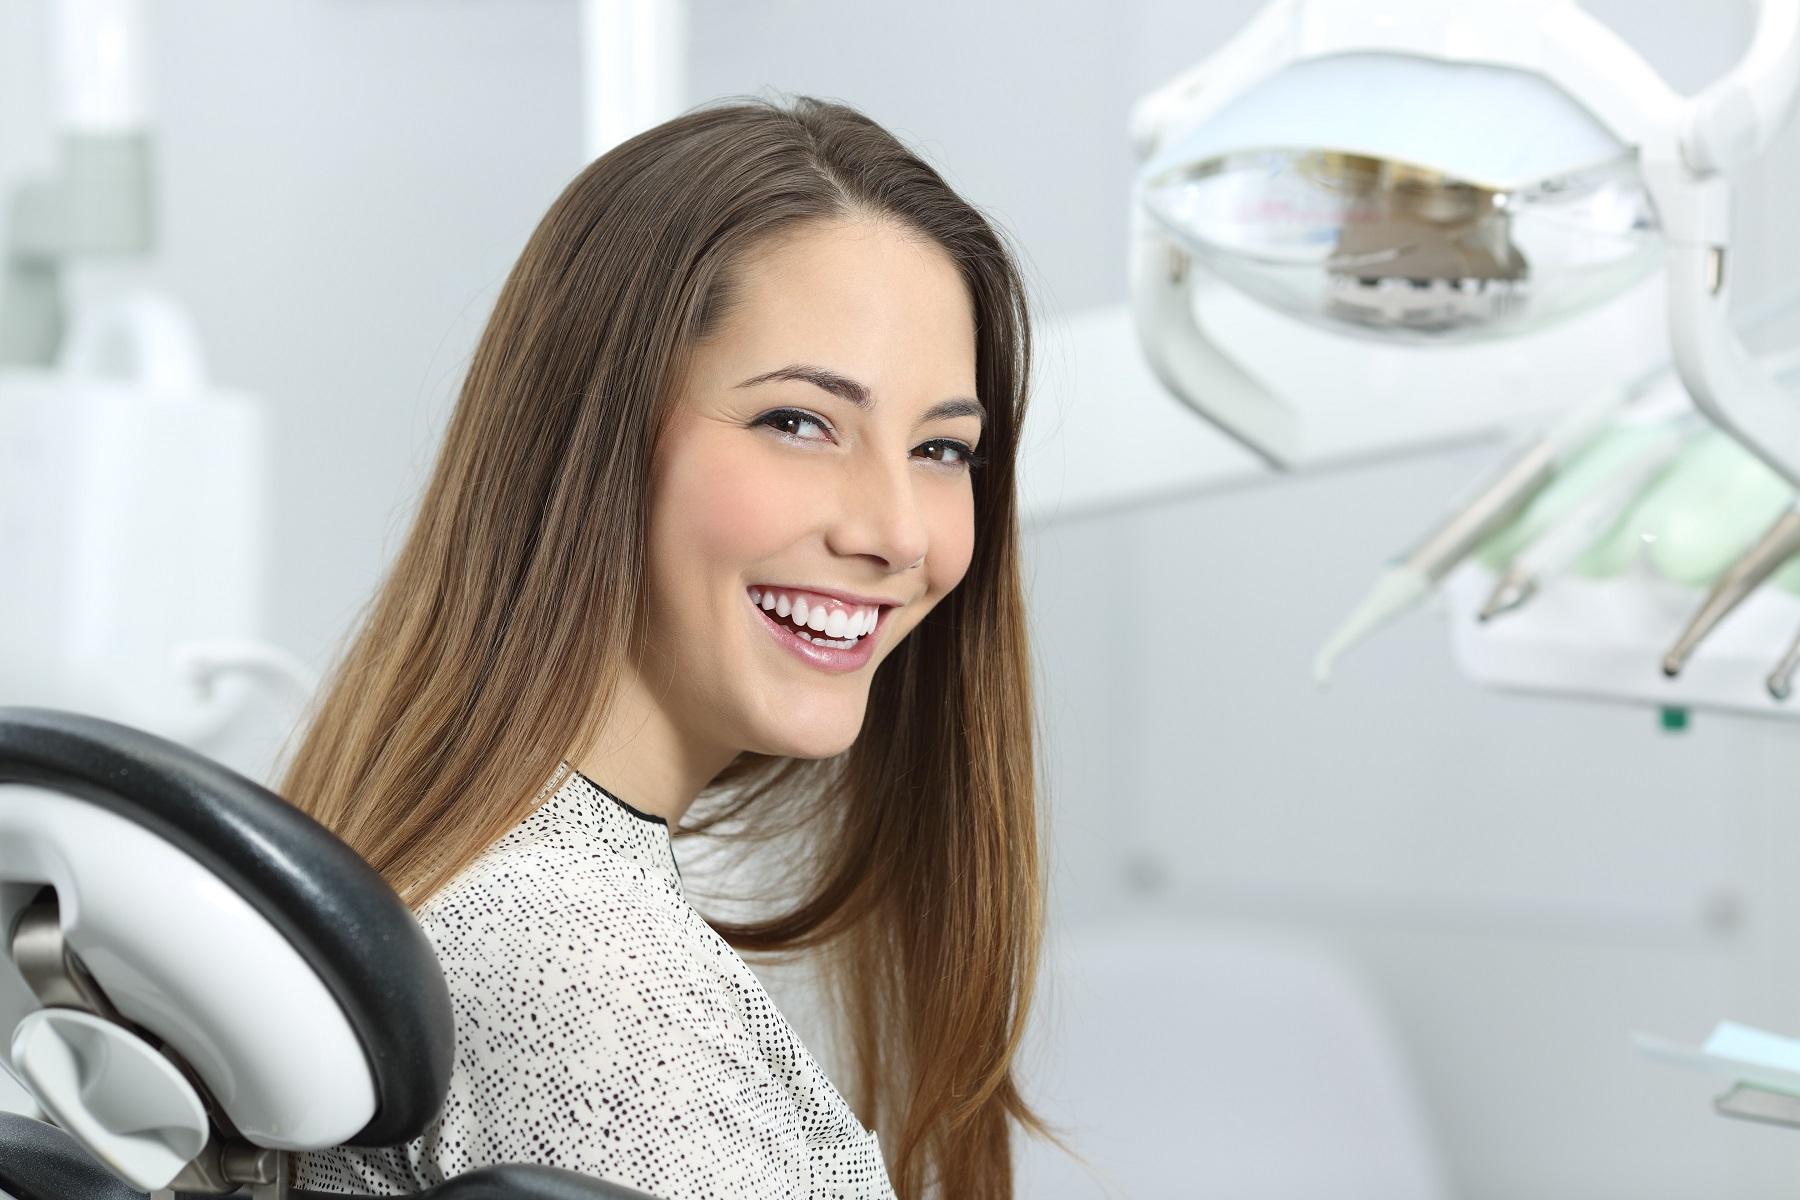 Quanto custa um clareamento dental?